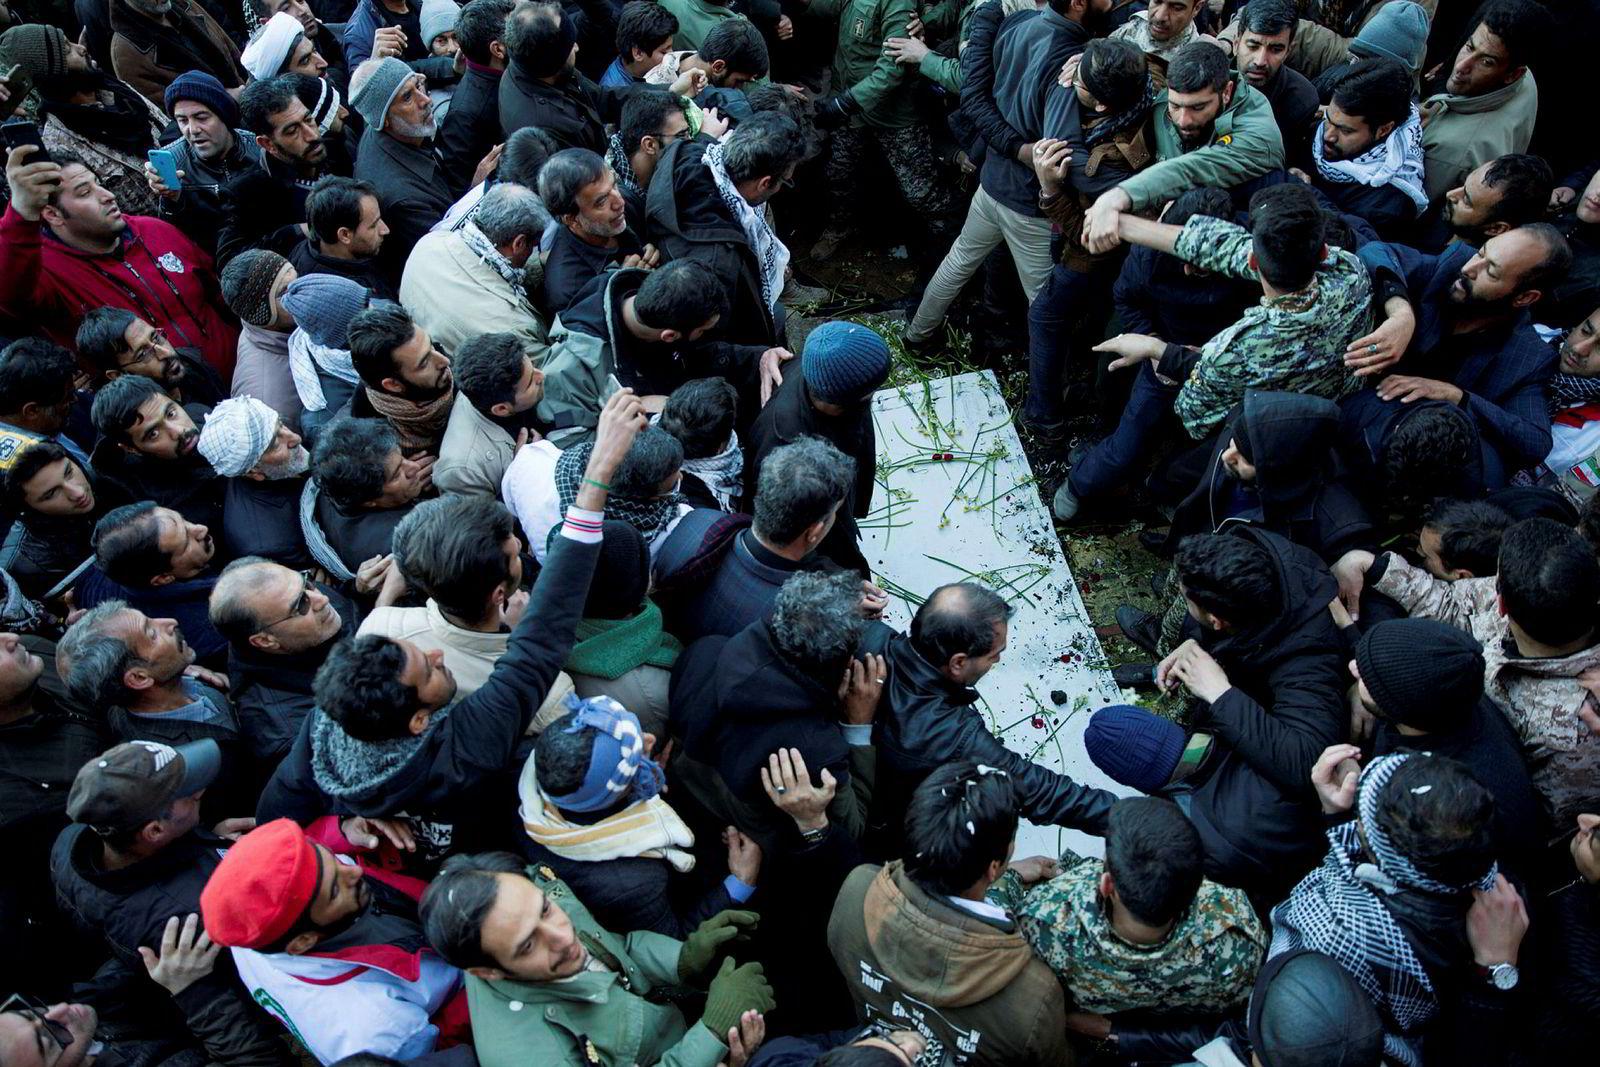 Minst 50 mennesker døde under begravelsen til den mektige generalen Qasem Soleimani i Iran denne uken. Her fra begravelsesfølget i Kerman, sørøst i Iran, hvor Soleimani var fra.